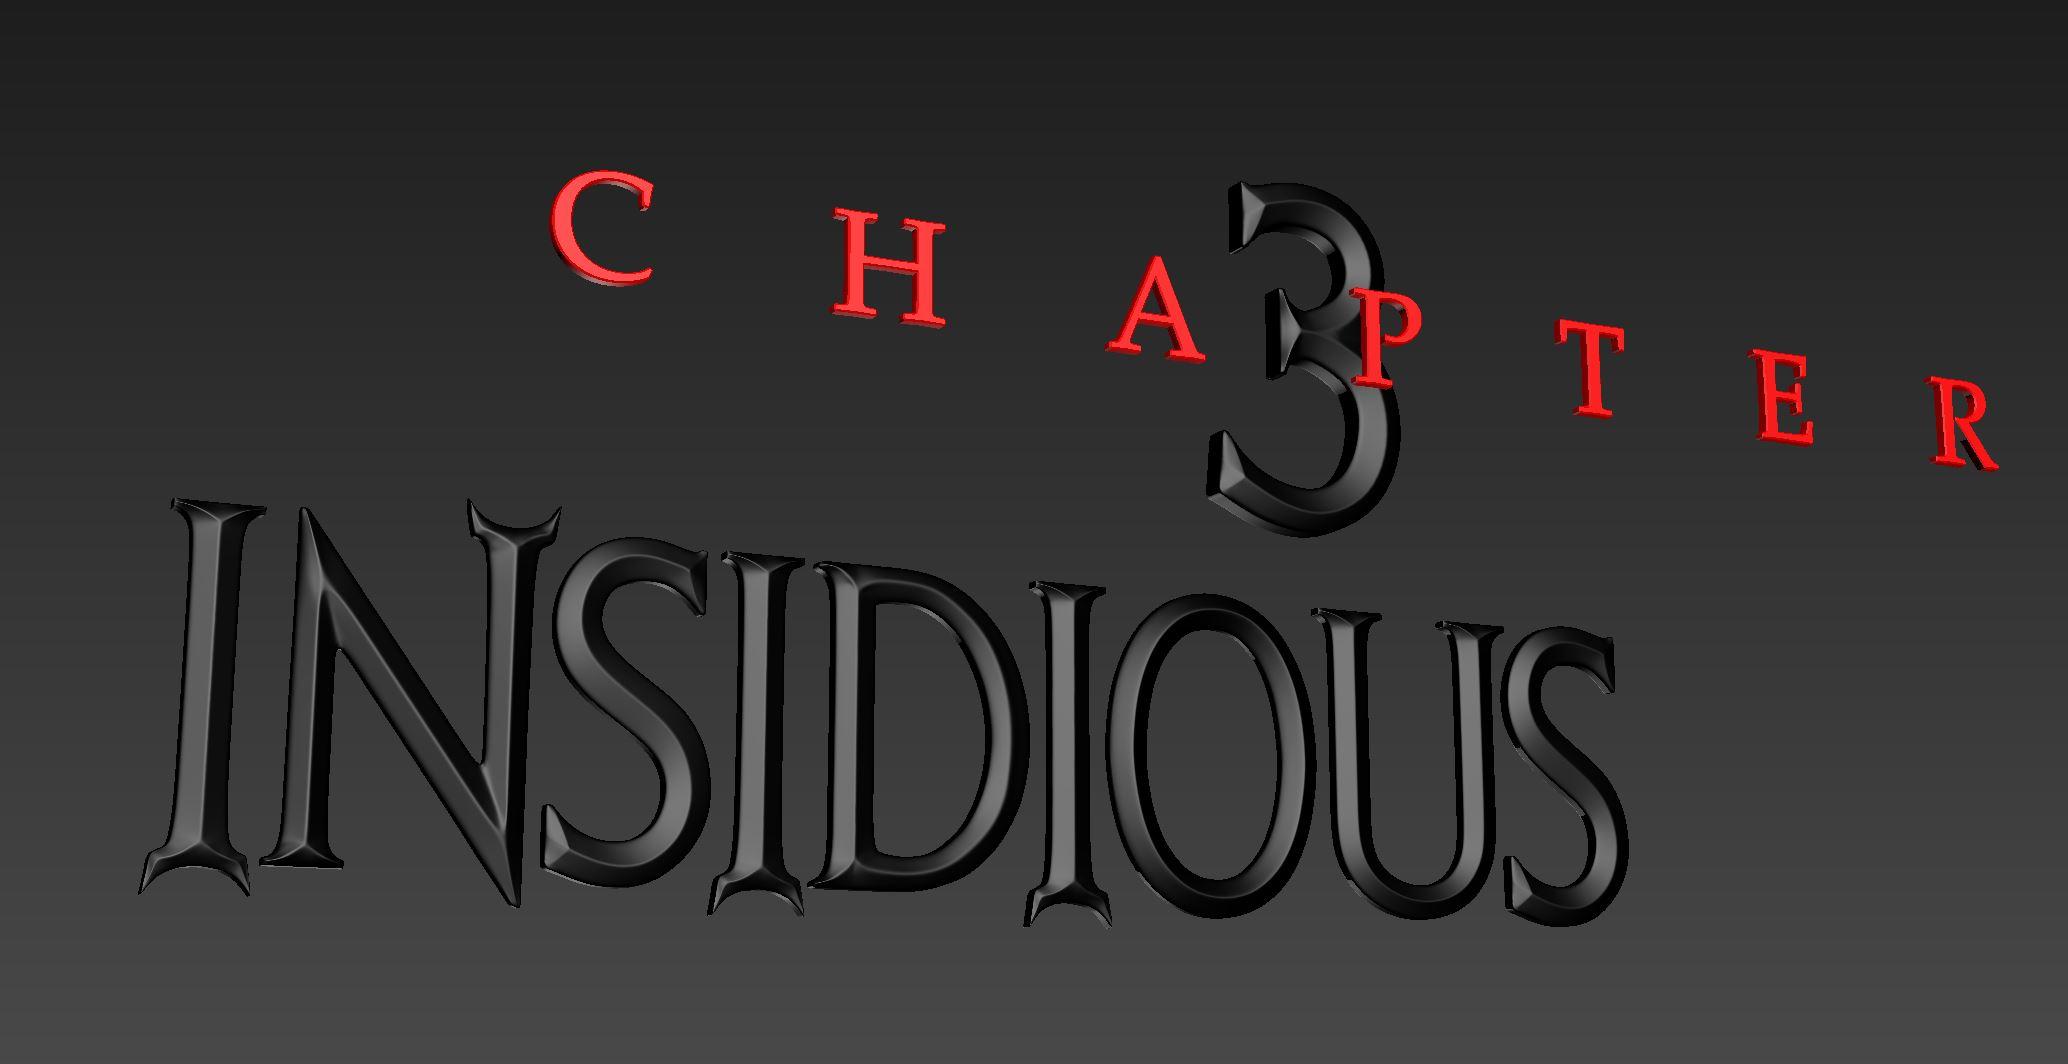 INSIDIOUS_03_CG_TYPE.JPG